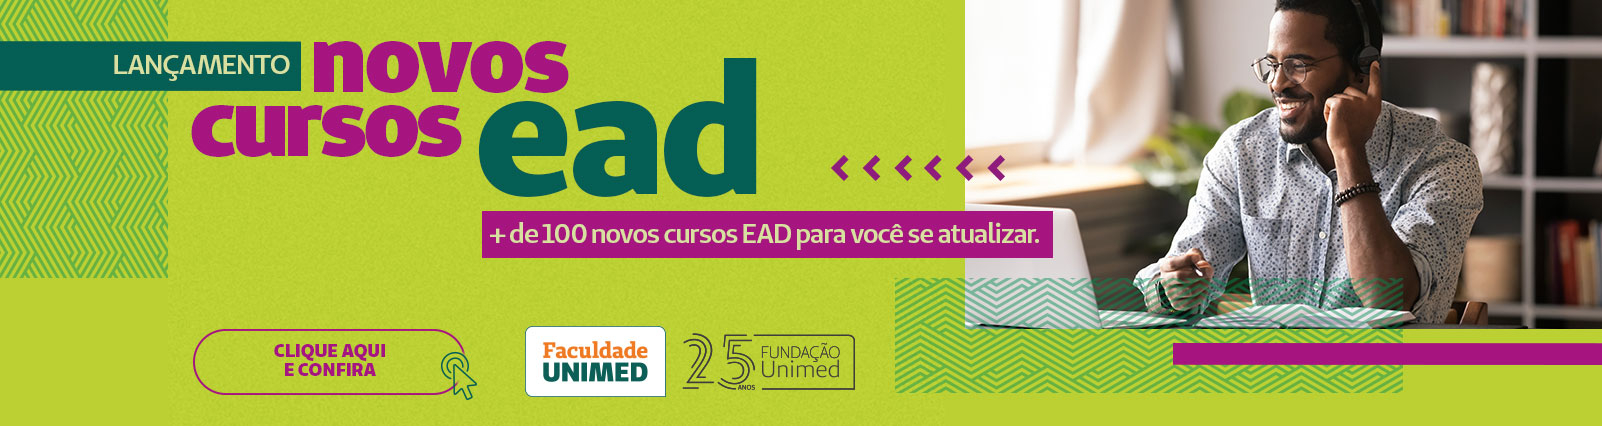 Lançamentos novos cursos EAD